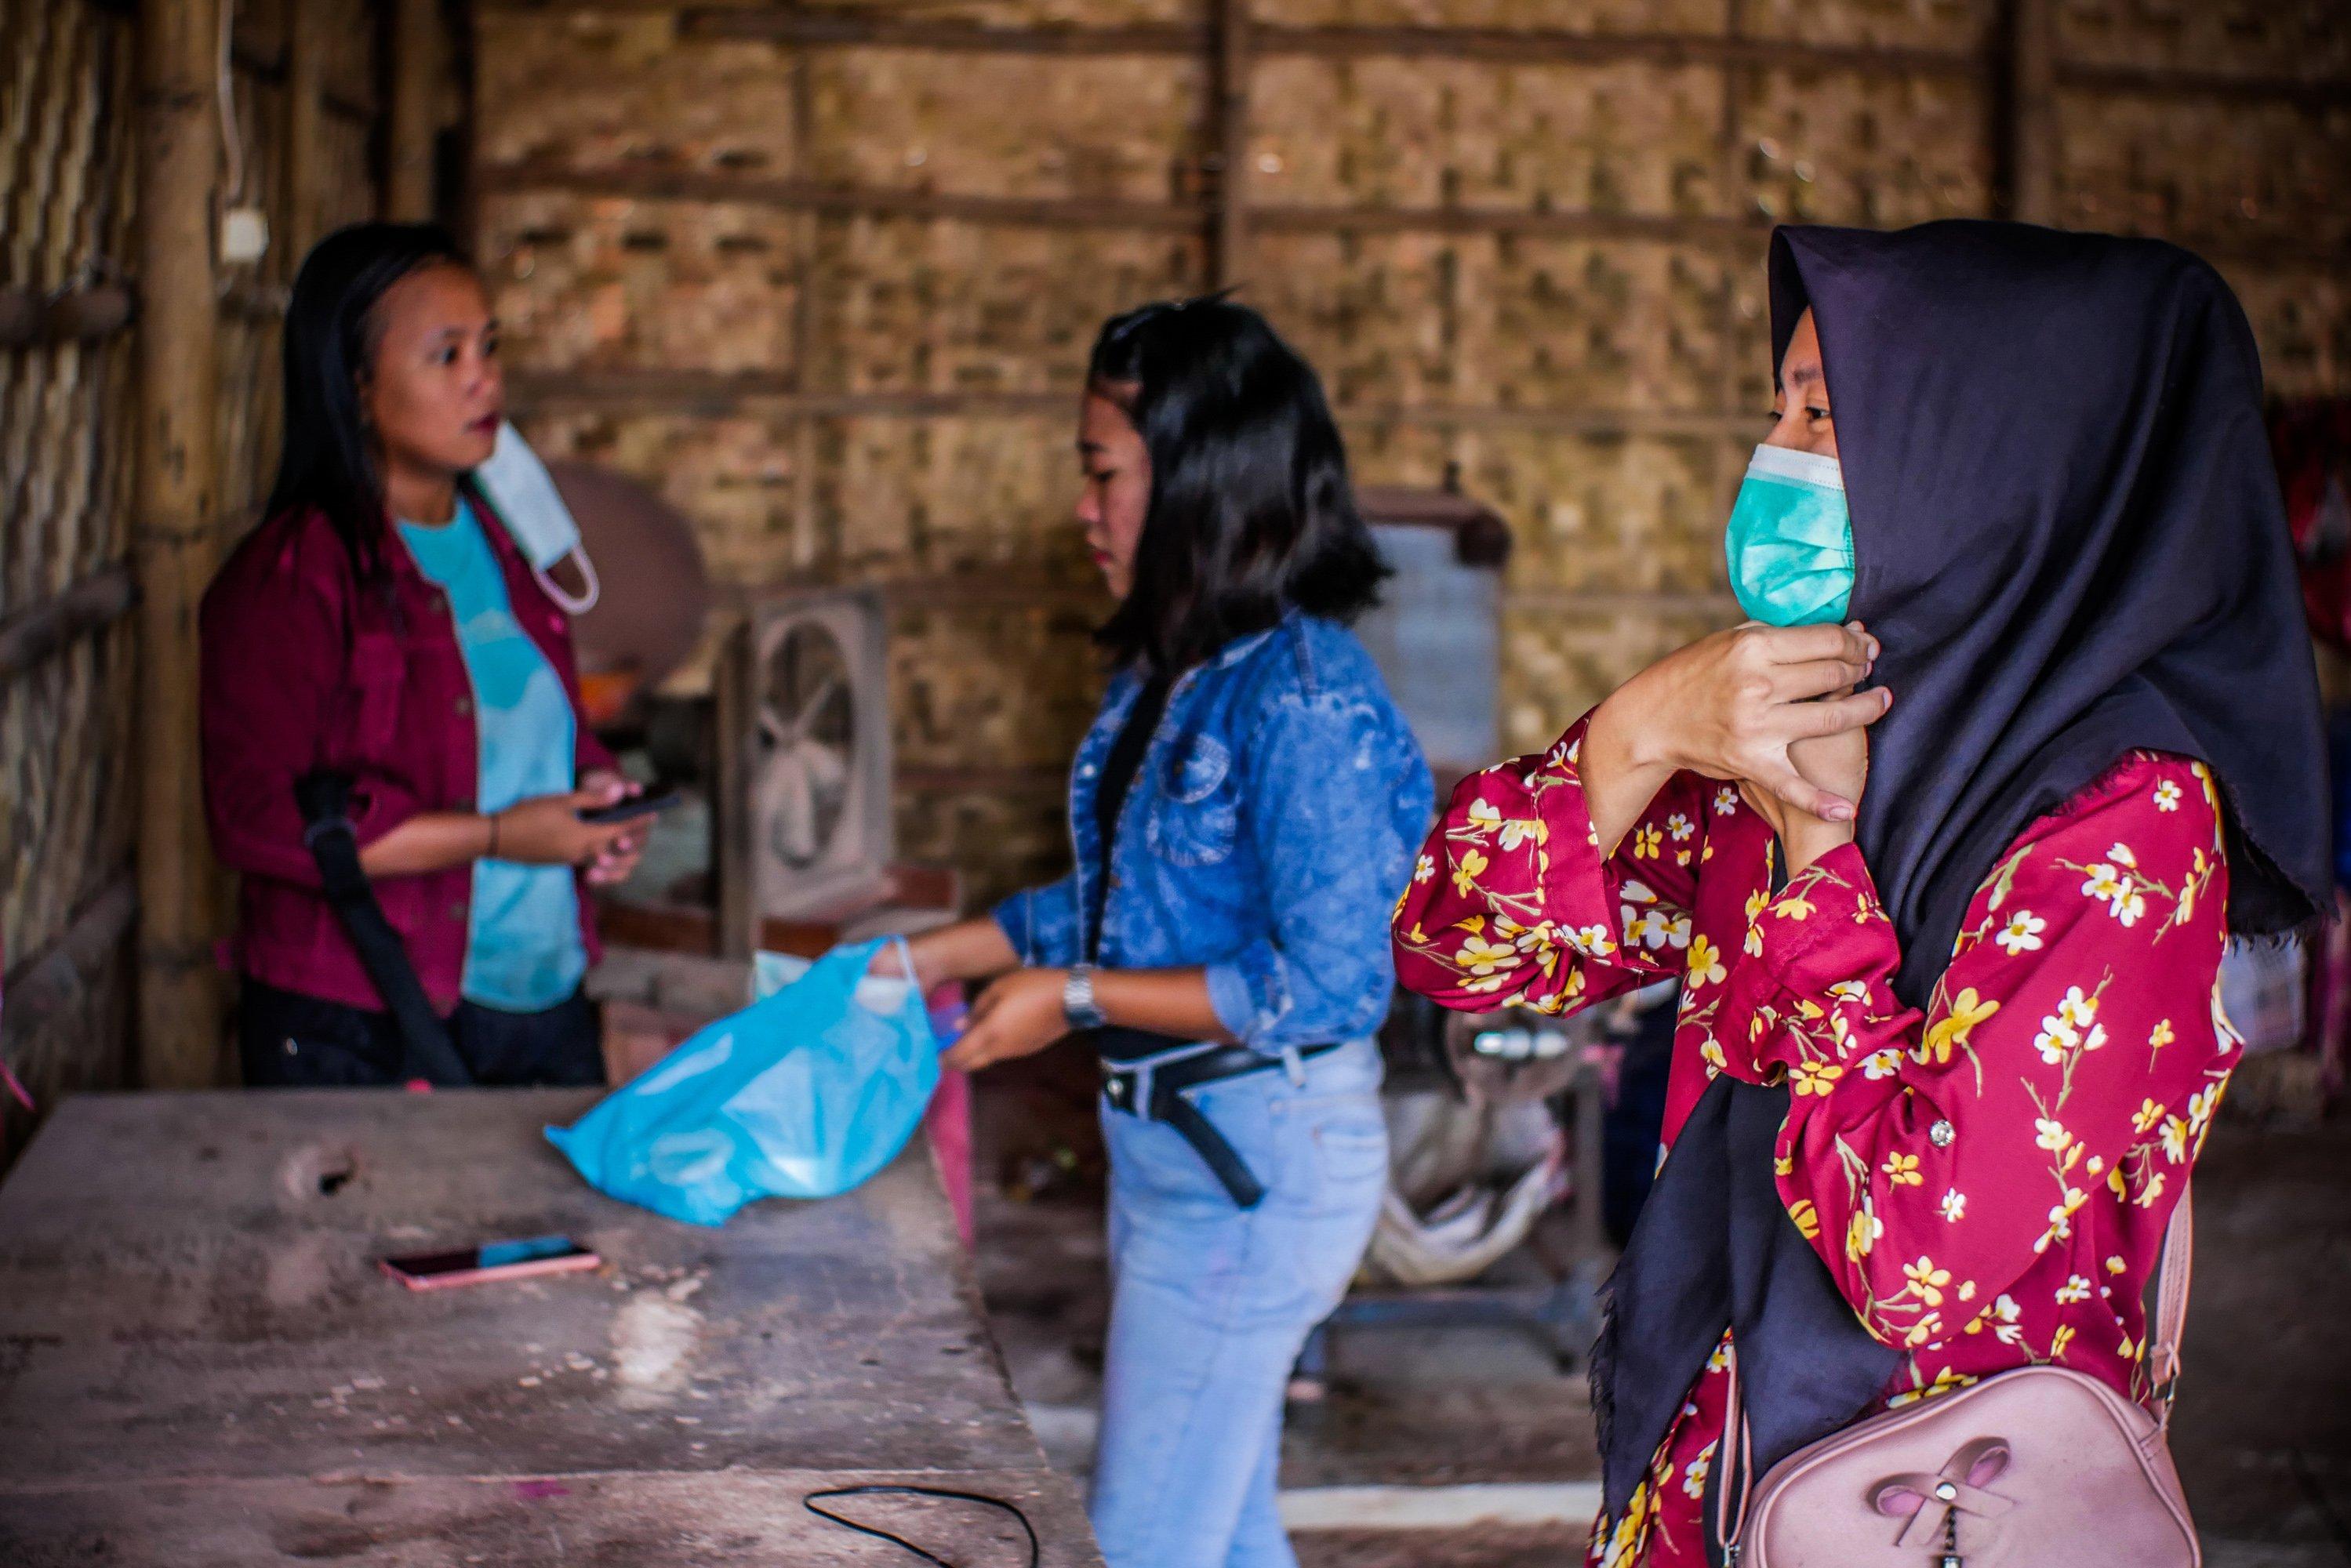 Pekerja bersiap untuk pulang usai bekerja di Industri Hio Rumahan Koh Ase, Kosambi, Kabupaten Tangerang, Banten.